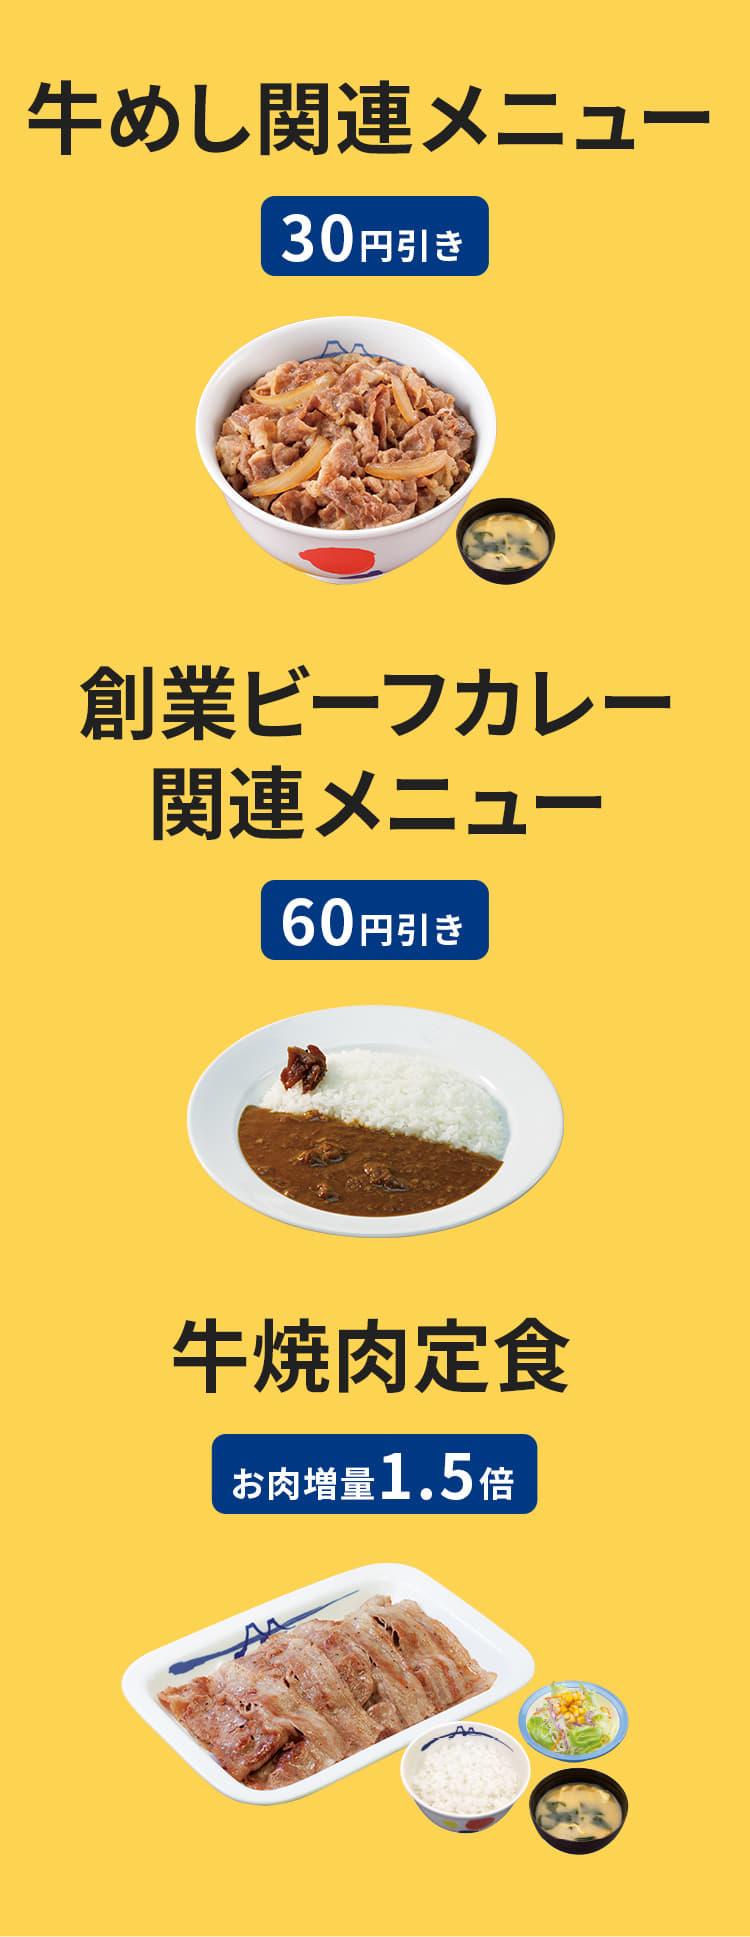 牛めし関連メニュー 30円引き/創業ビーフカレー関連メニュー 60円引き/牛焼肉定食 お肉1.5倍